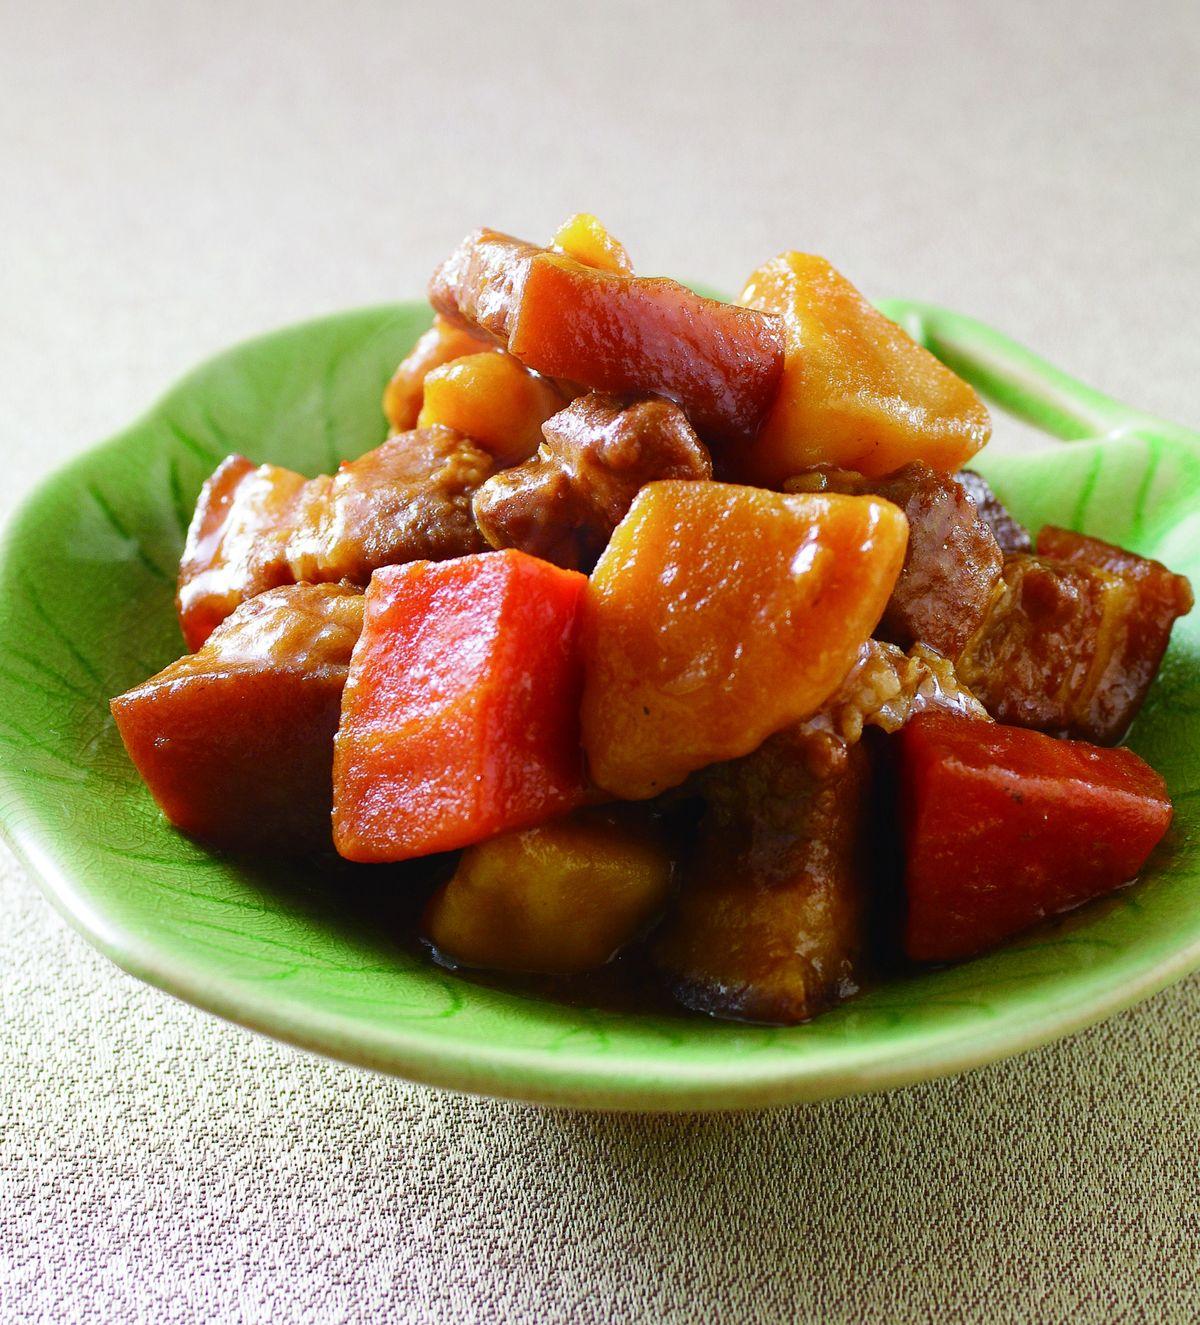 食譜:馬鈴薯燒肉(1)